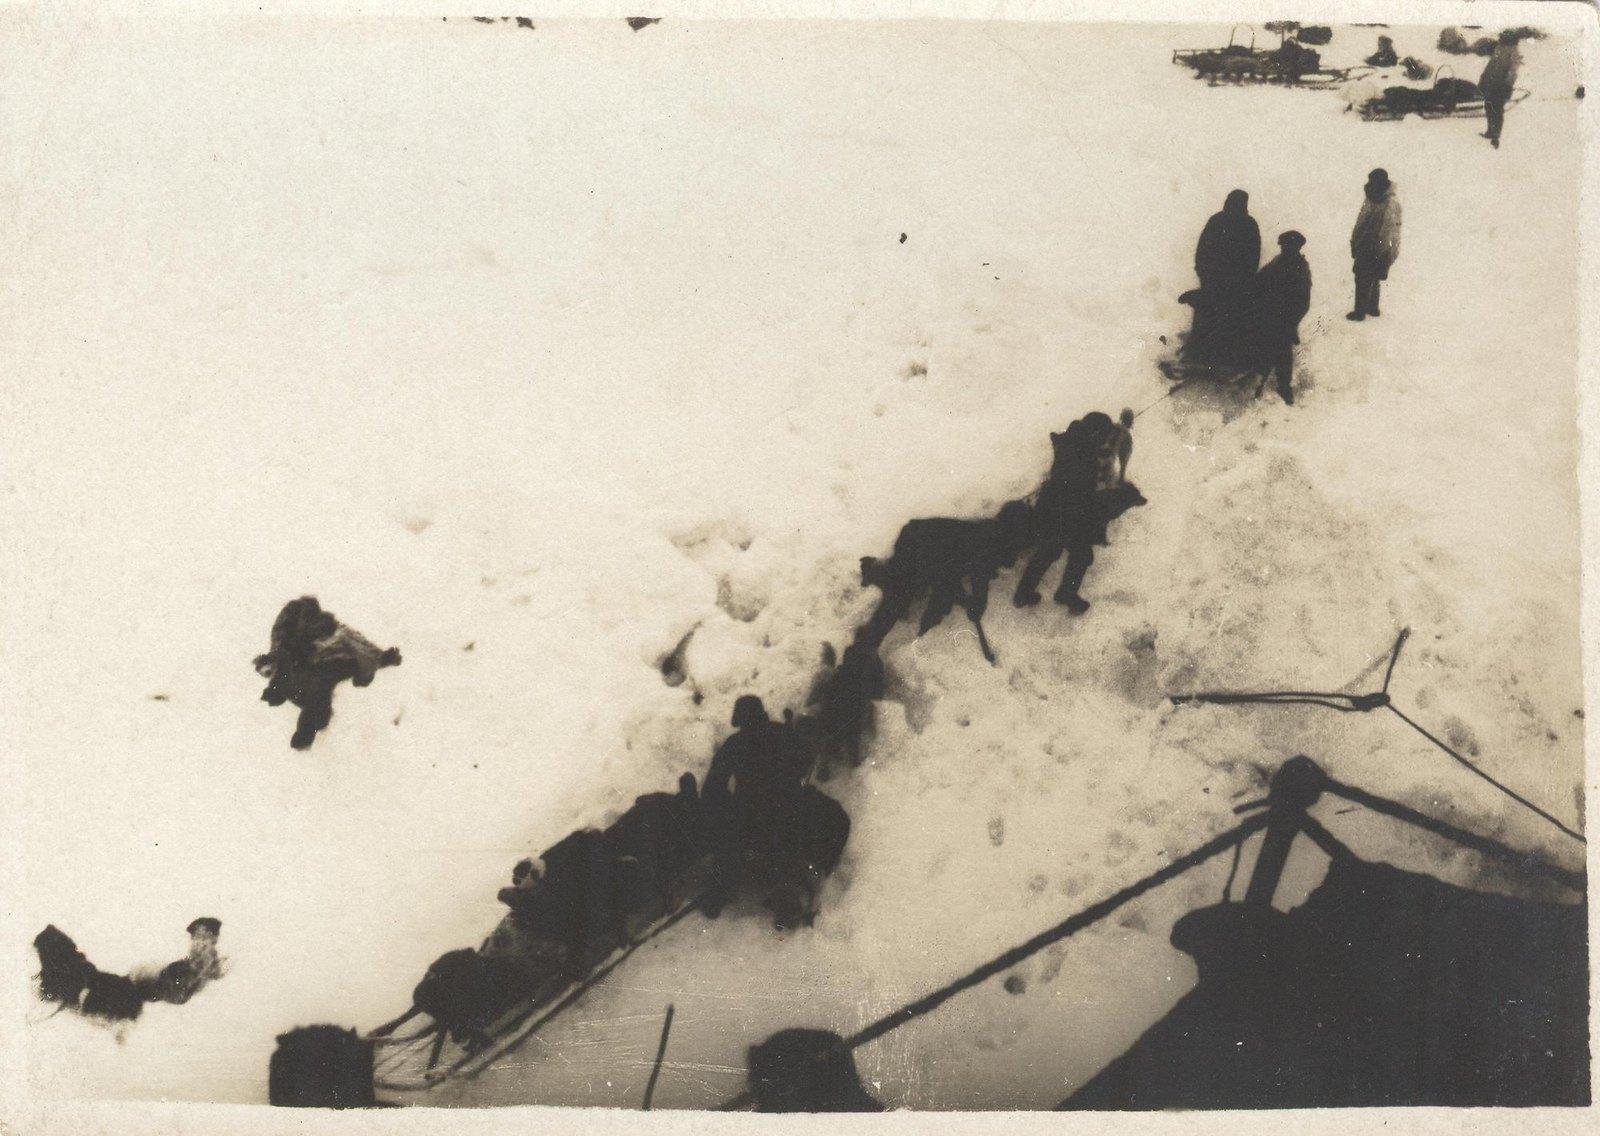 1934. Экспедиция по спасению челюскинцев. Погрузка на борт «Смоленска» больных челюскинцев